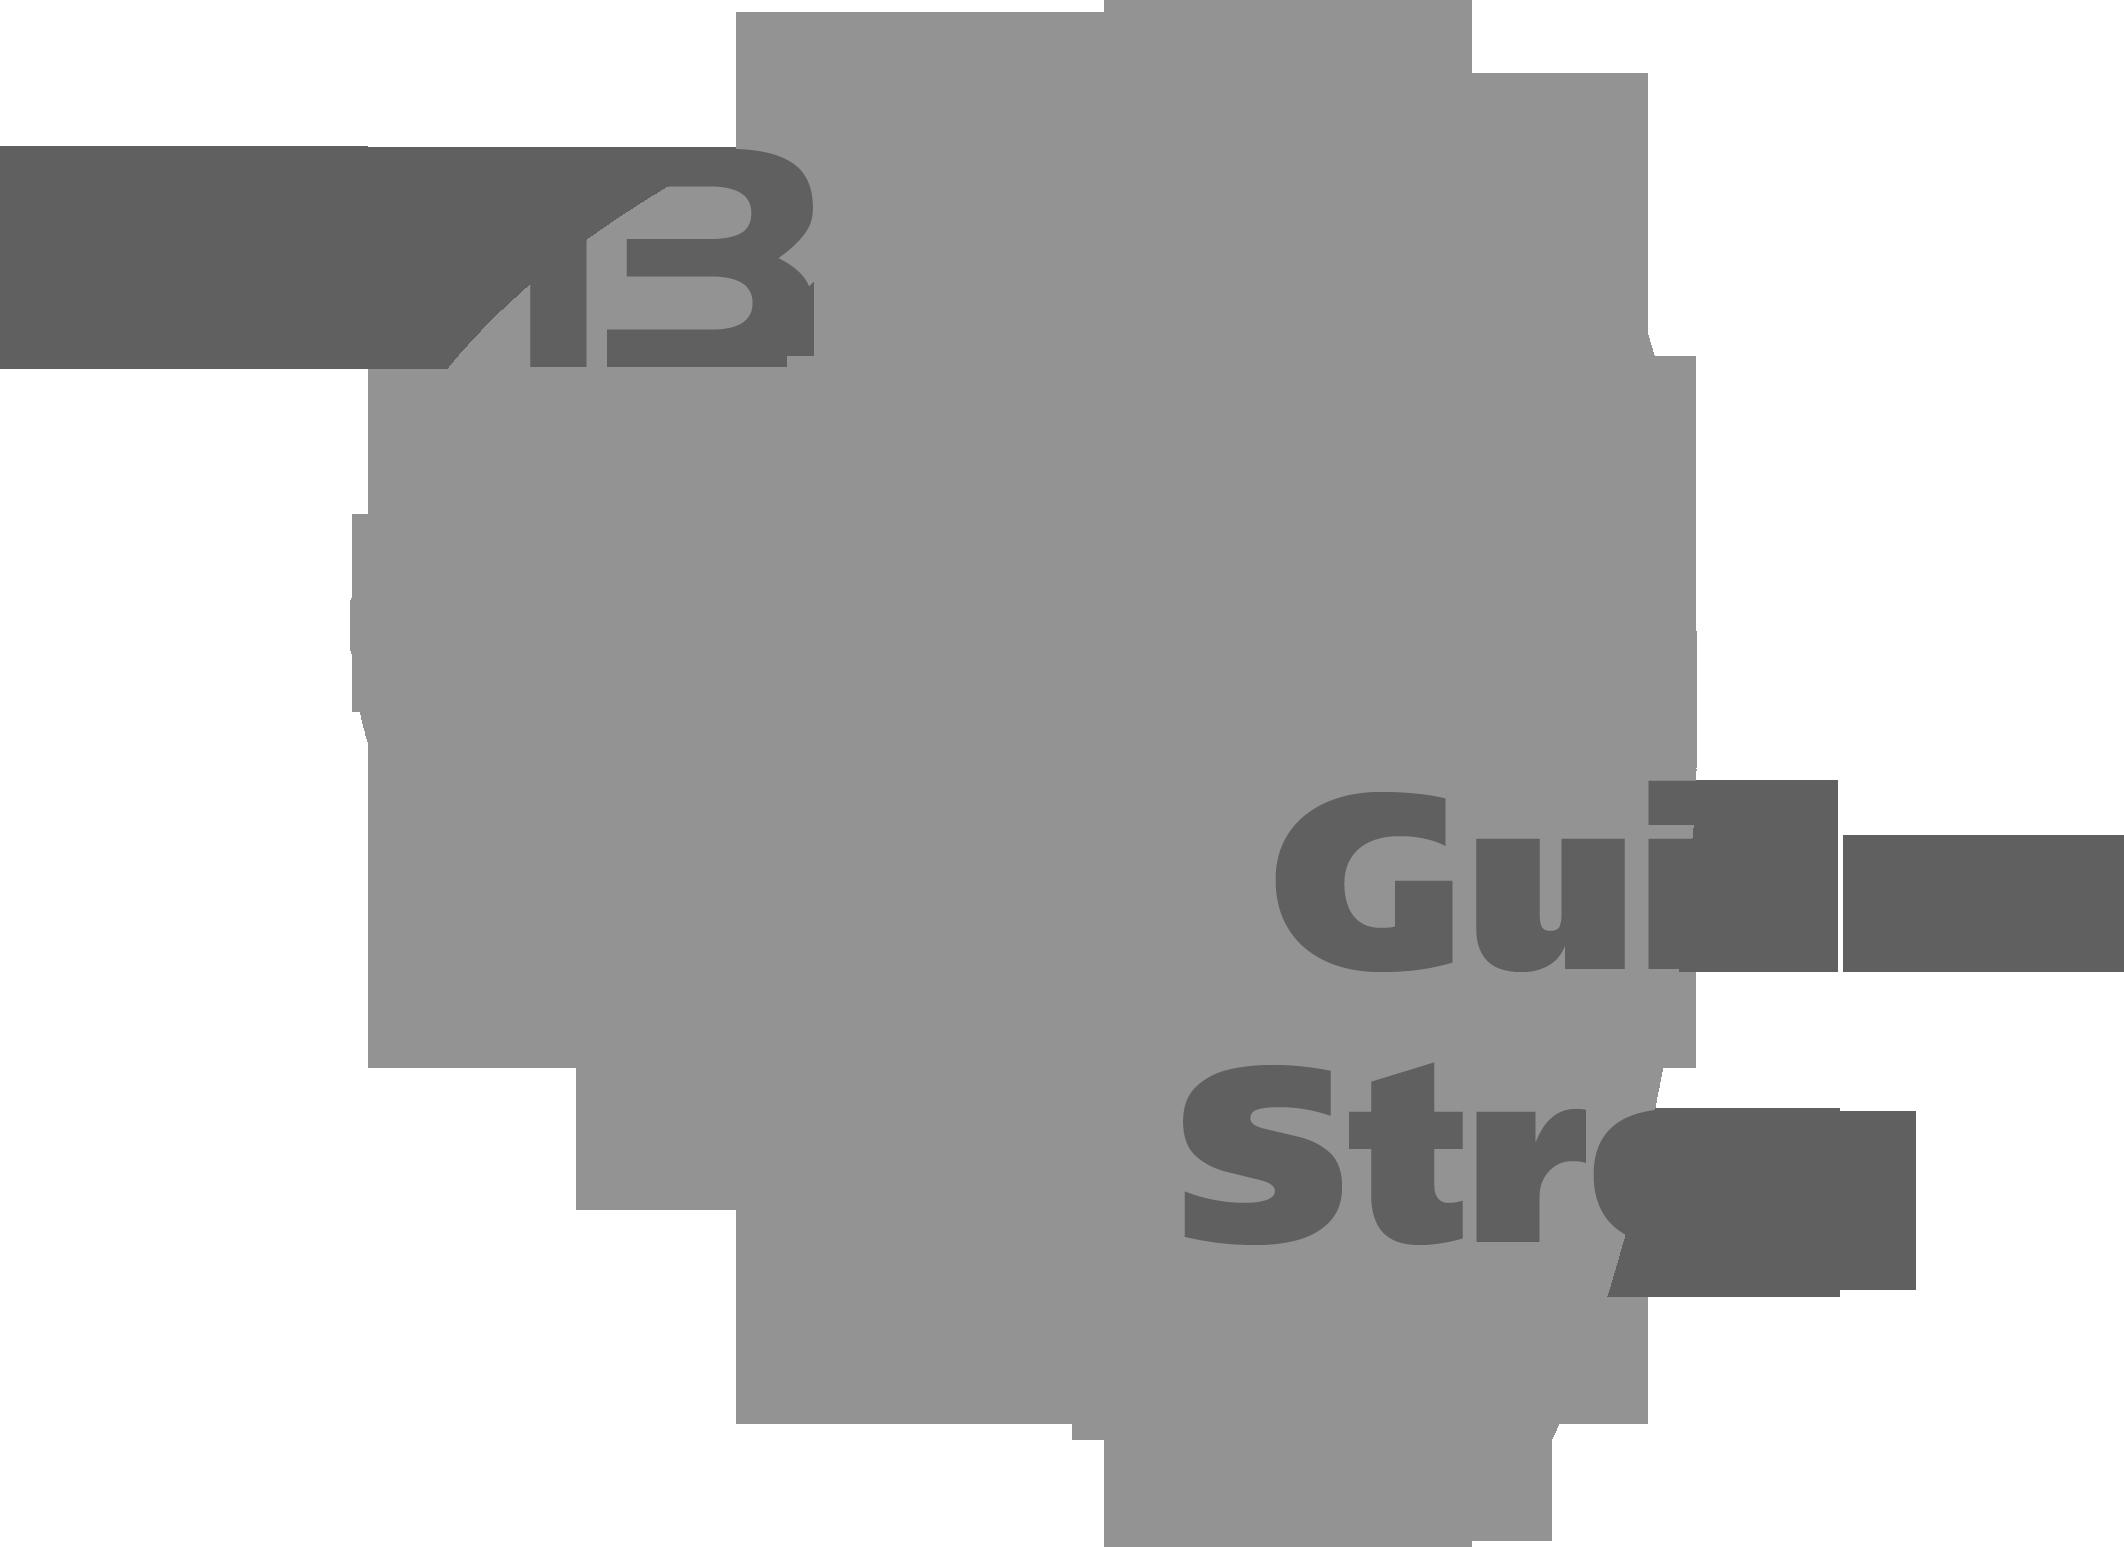 Логотип Фестиваля 2013 г